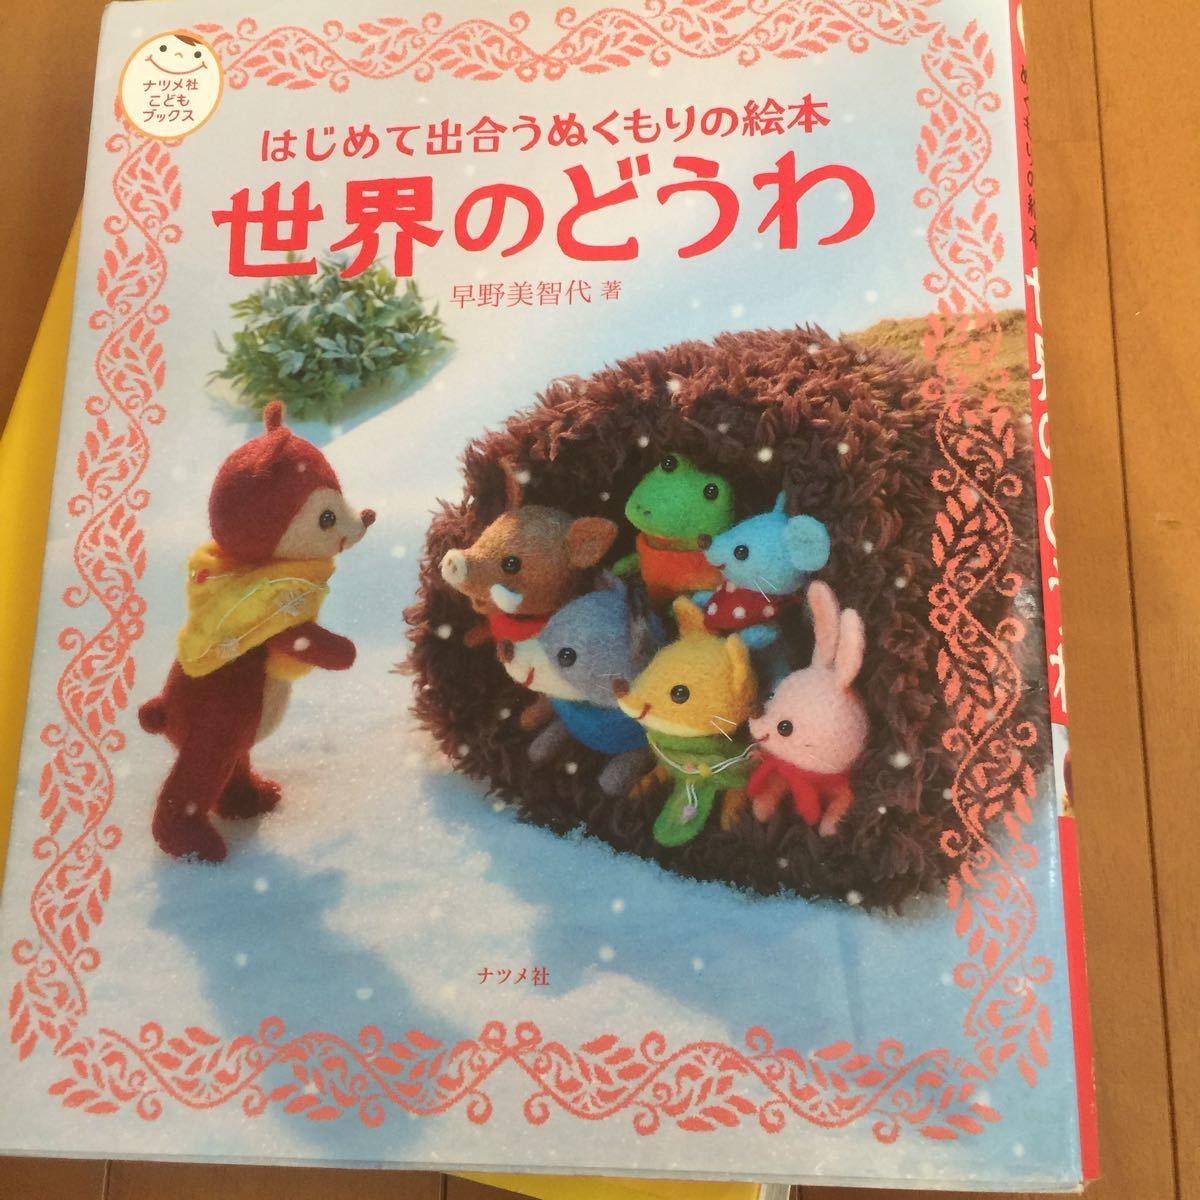 はじめて出会うぬくもりの絵本 2冊 日本、世界のどうわ